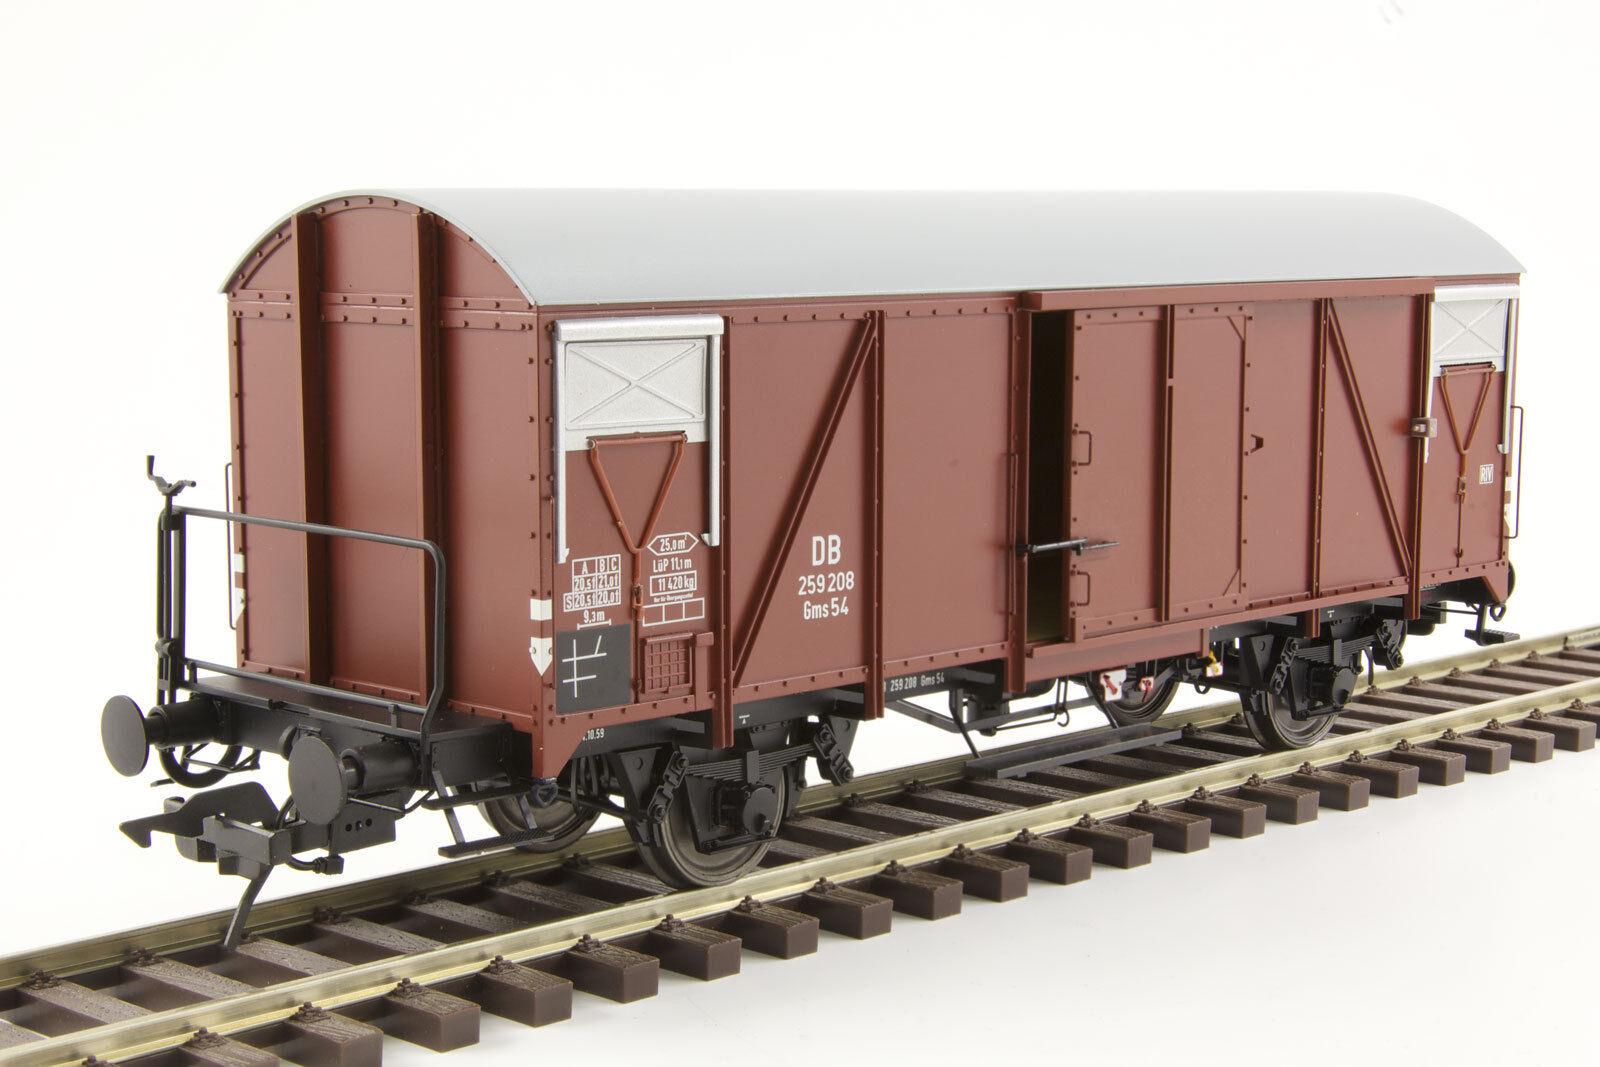 Lenz 42235-01 carri merci GMS 54 con scena rimproverate DB traccia 0